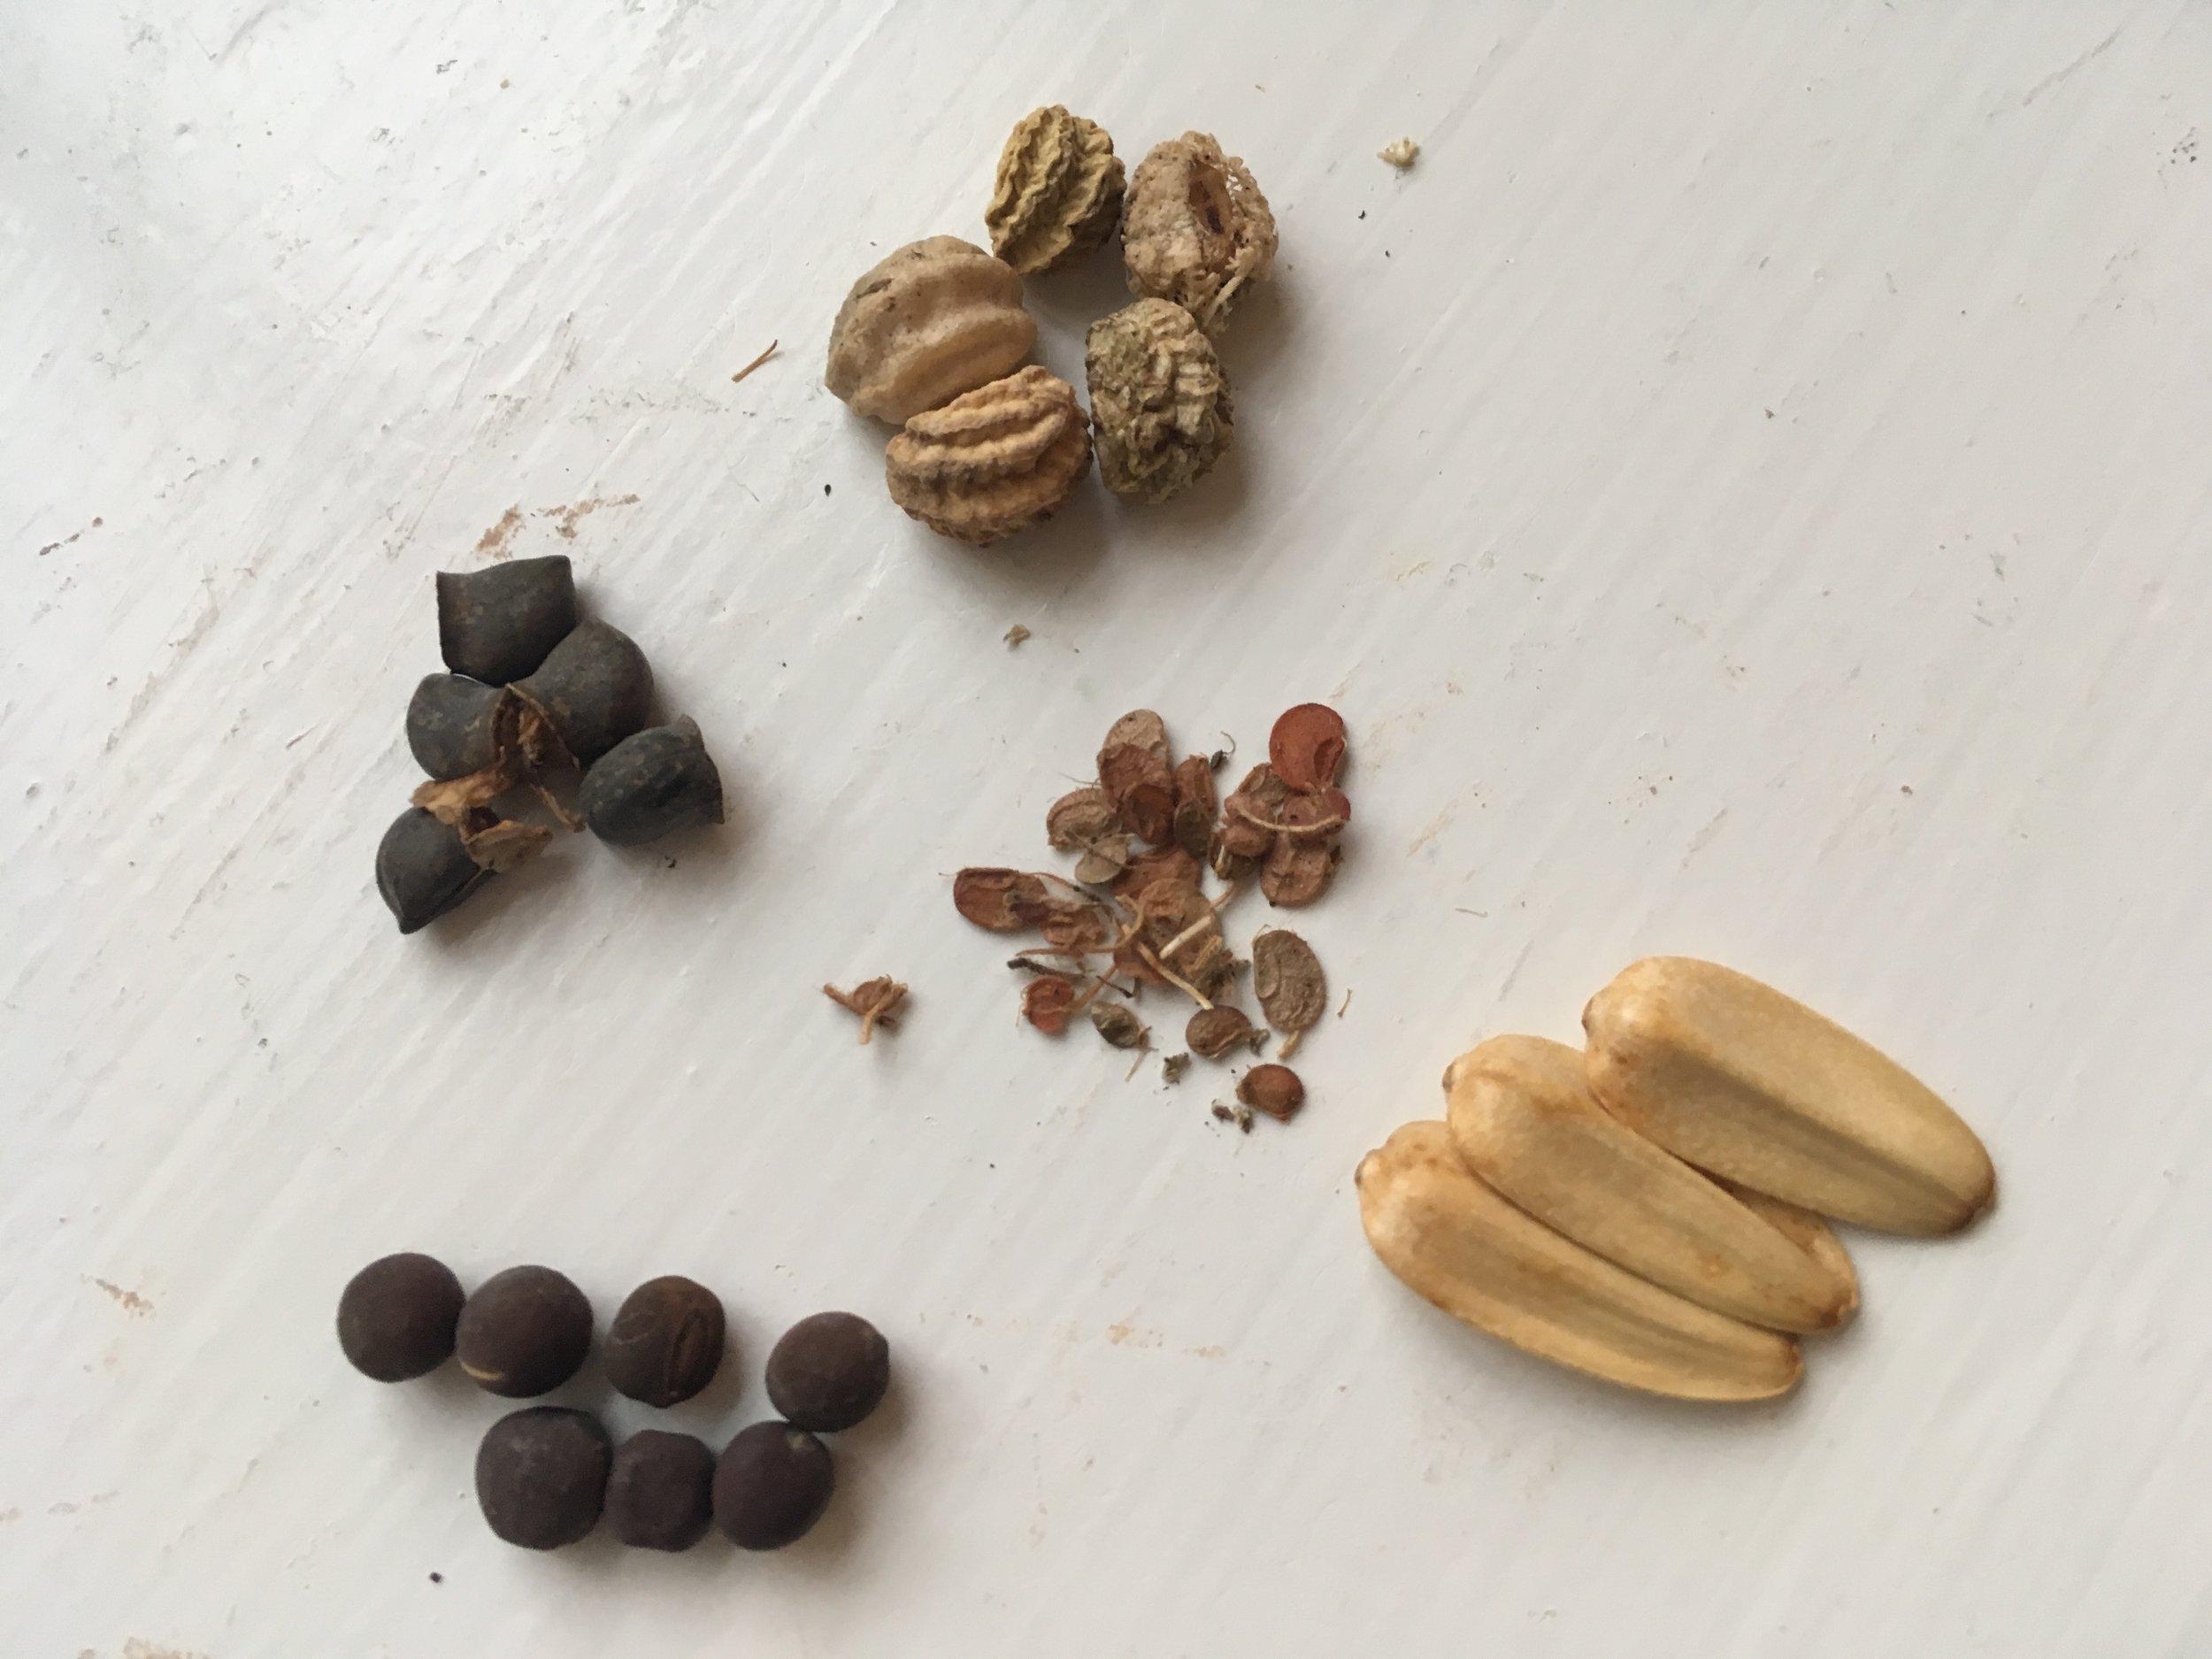 Frø kan se ud på alle mulige måder. Frø af ærteblomster (nederst til venstre) er små perfekte kugler med en appetitlig mat overflade, noget af det lækreste synes jeg (men ikke at spise, de er giftige).